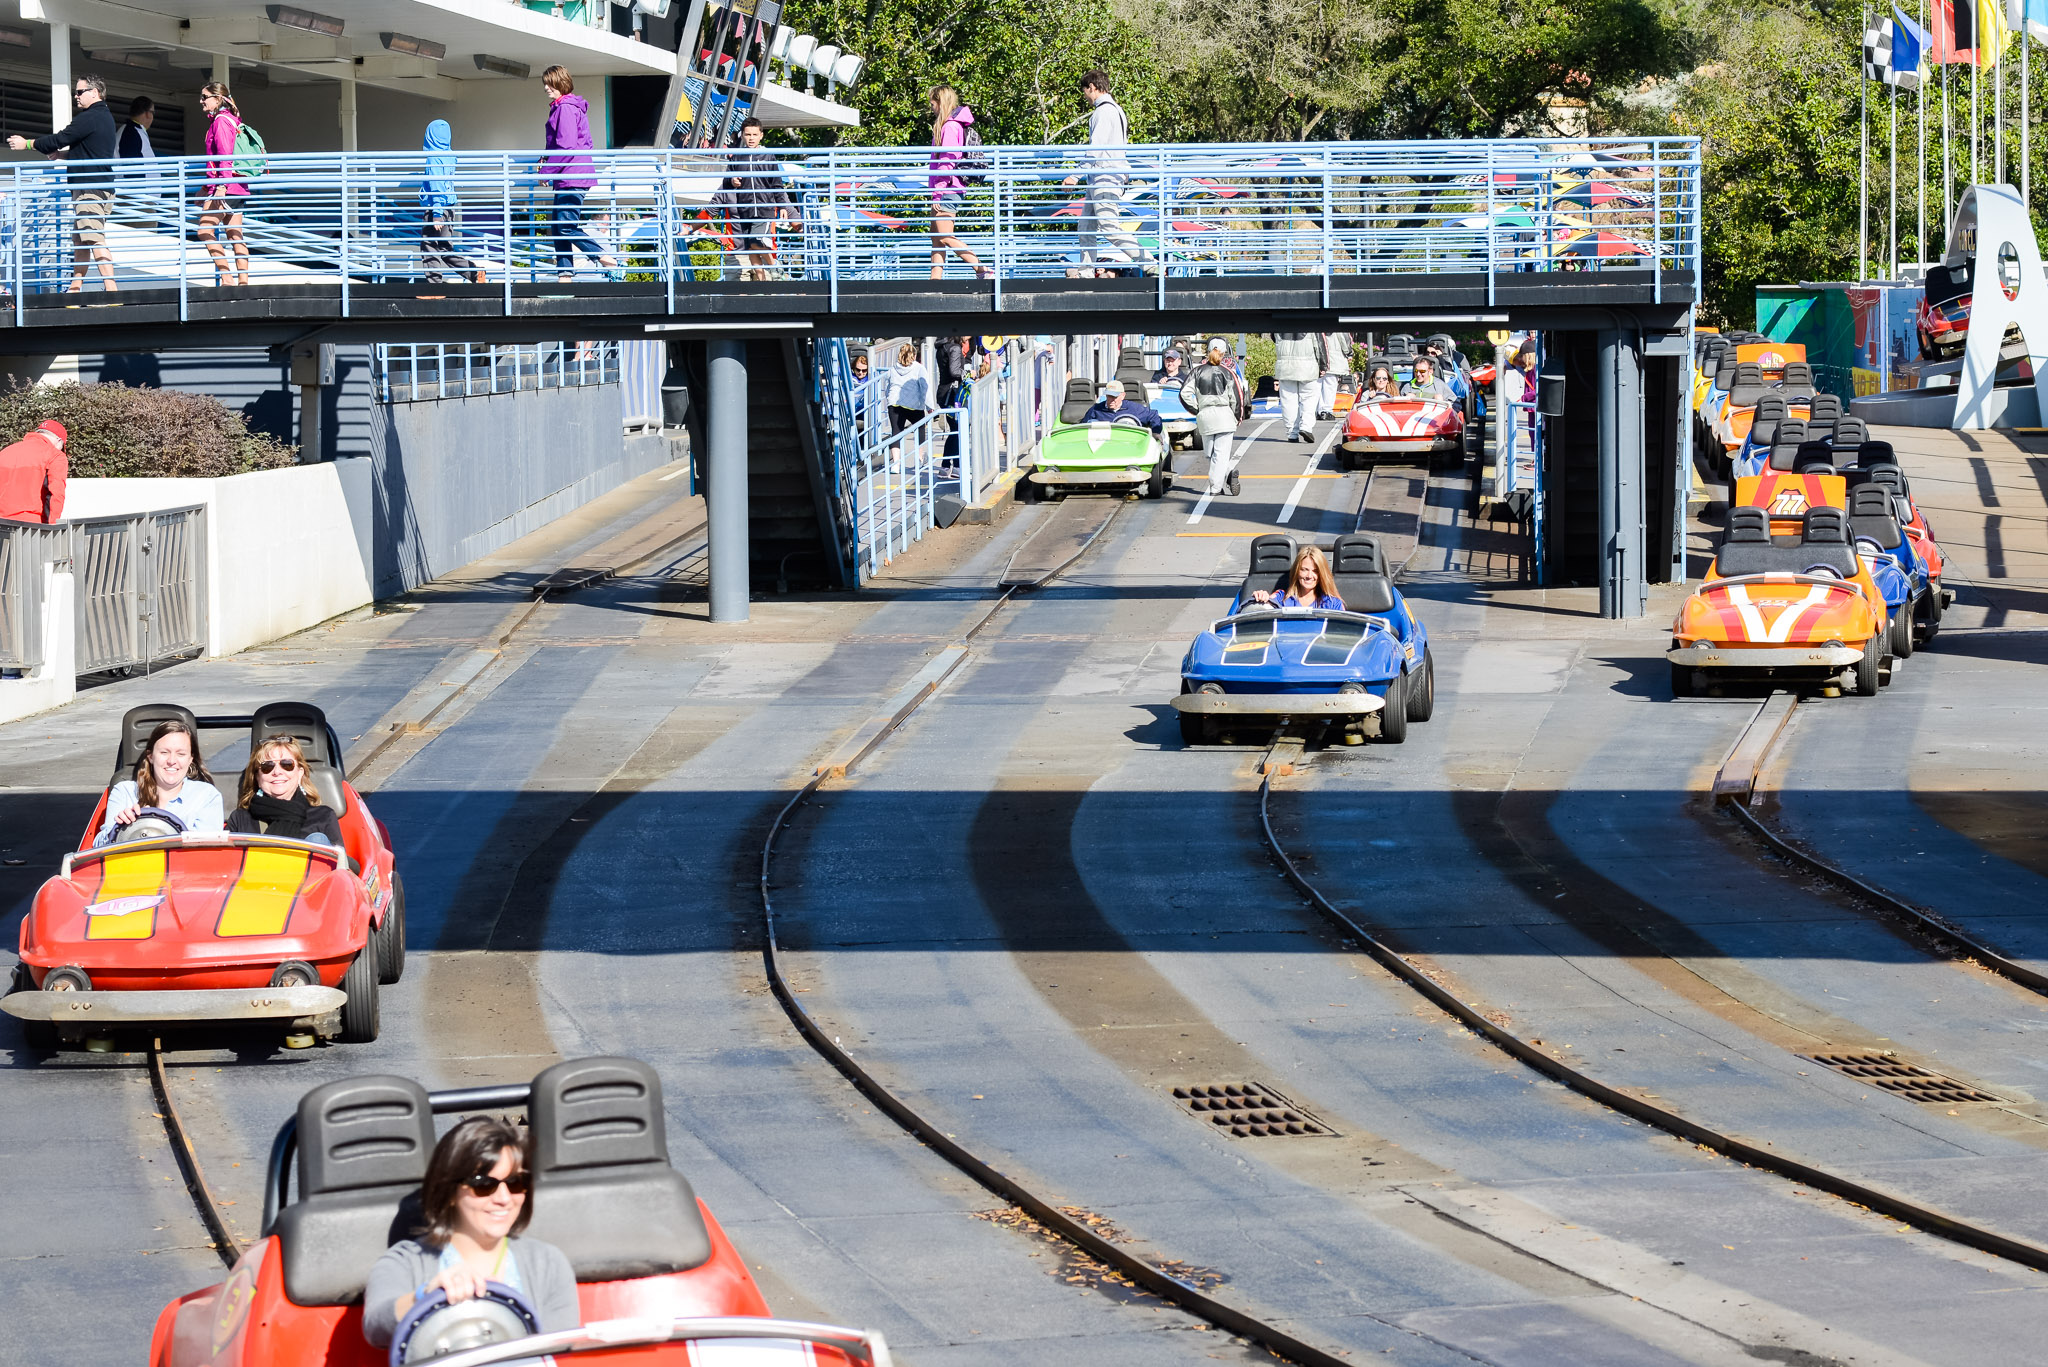 Tomorrowland Speedway - Walt Disney World Magic Kingdom